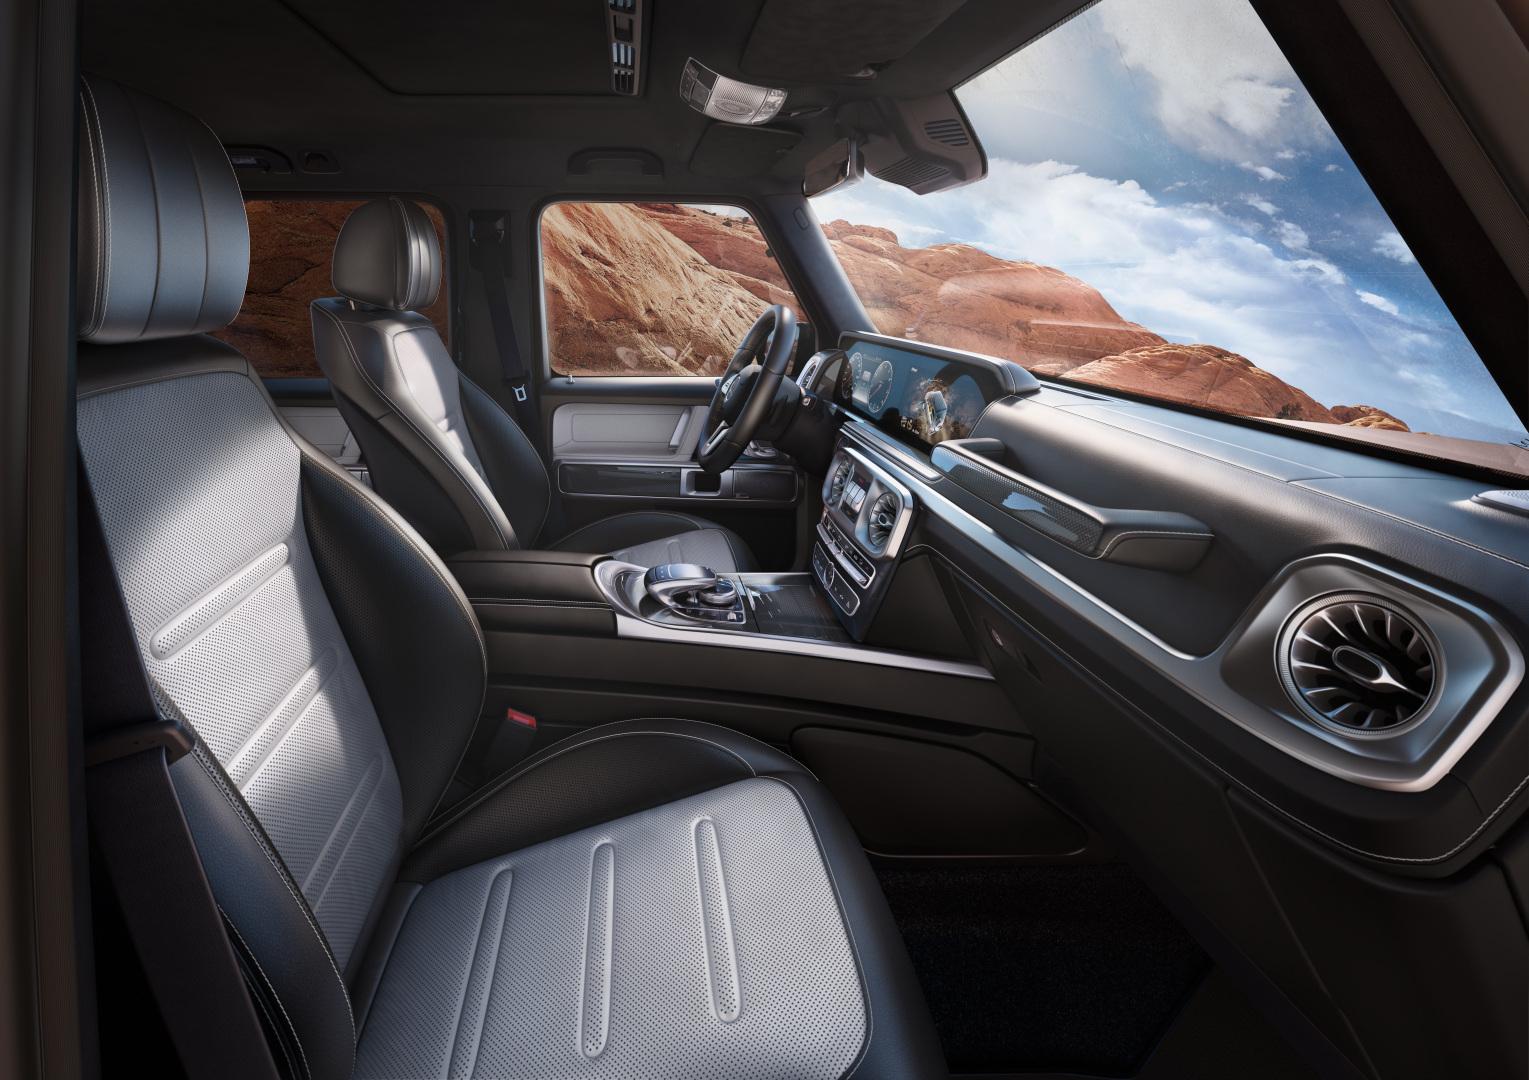 Intérieur et extérieur de la Mercedes Classe G, vue de trois quarts de profil dans la nature